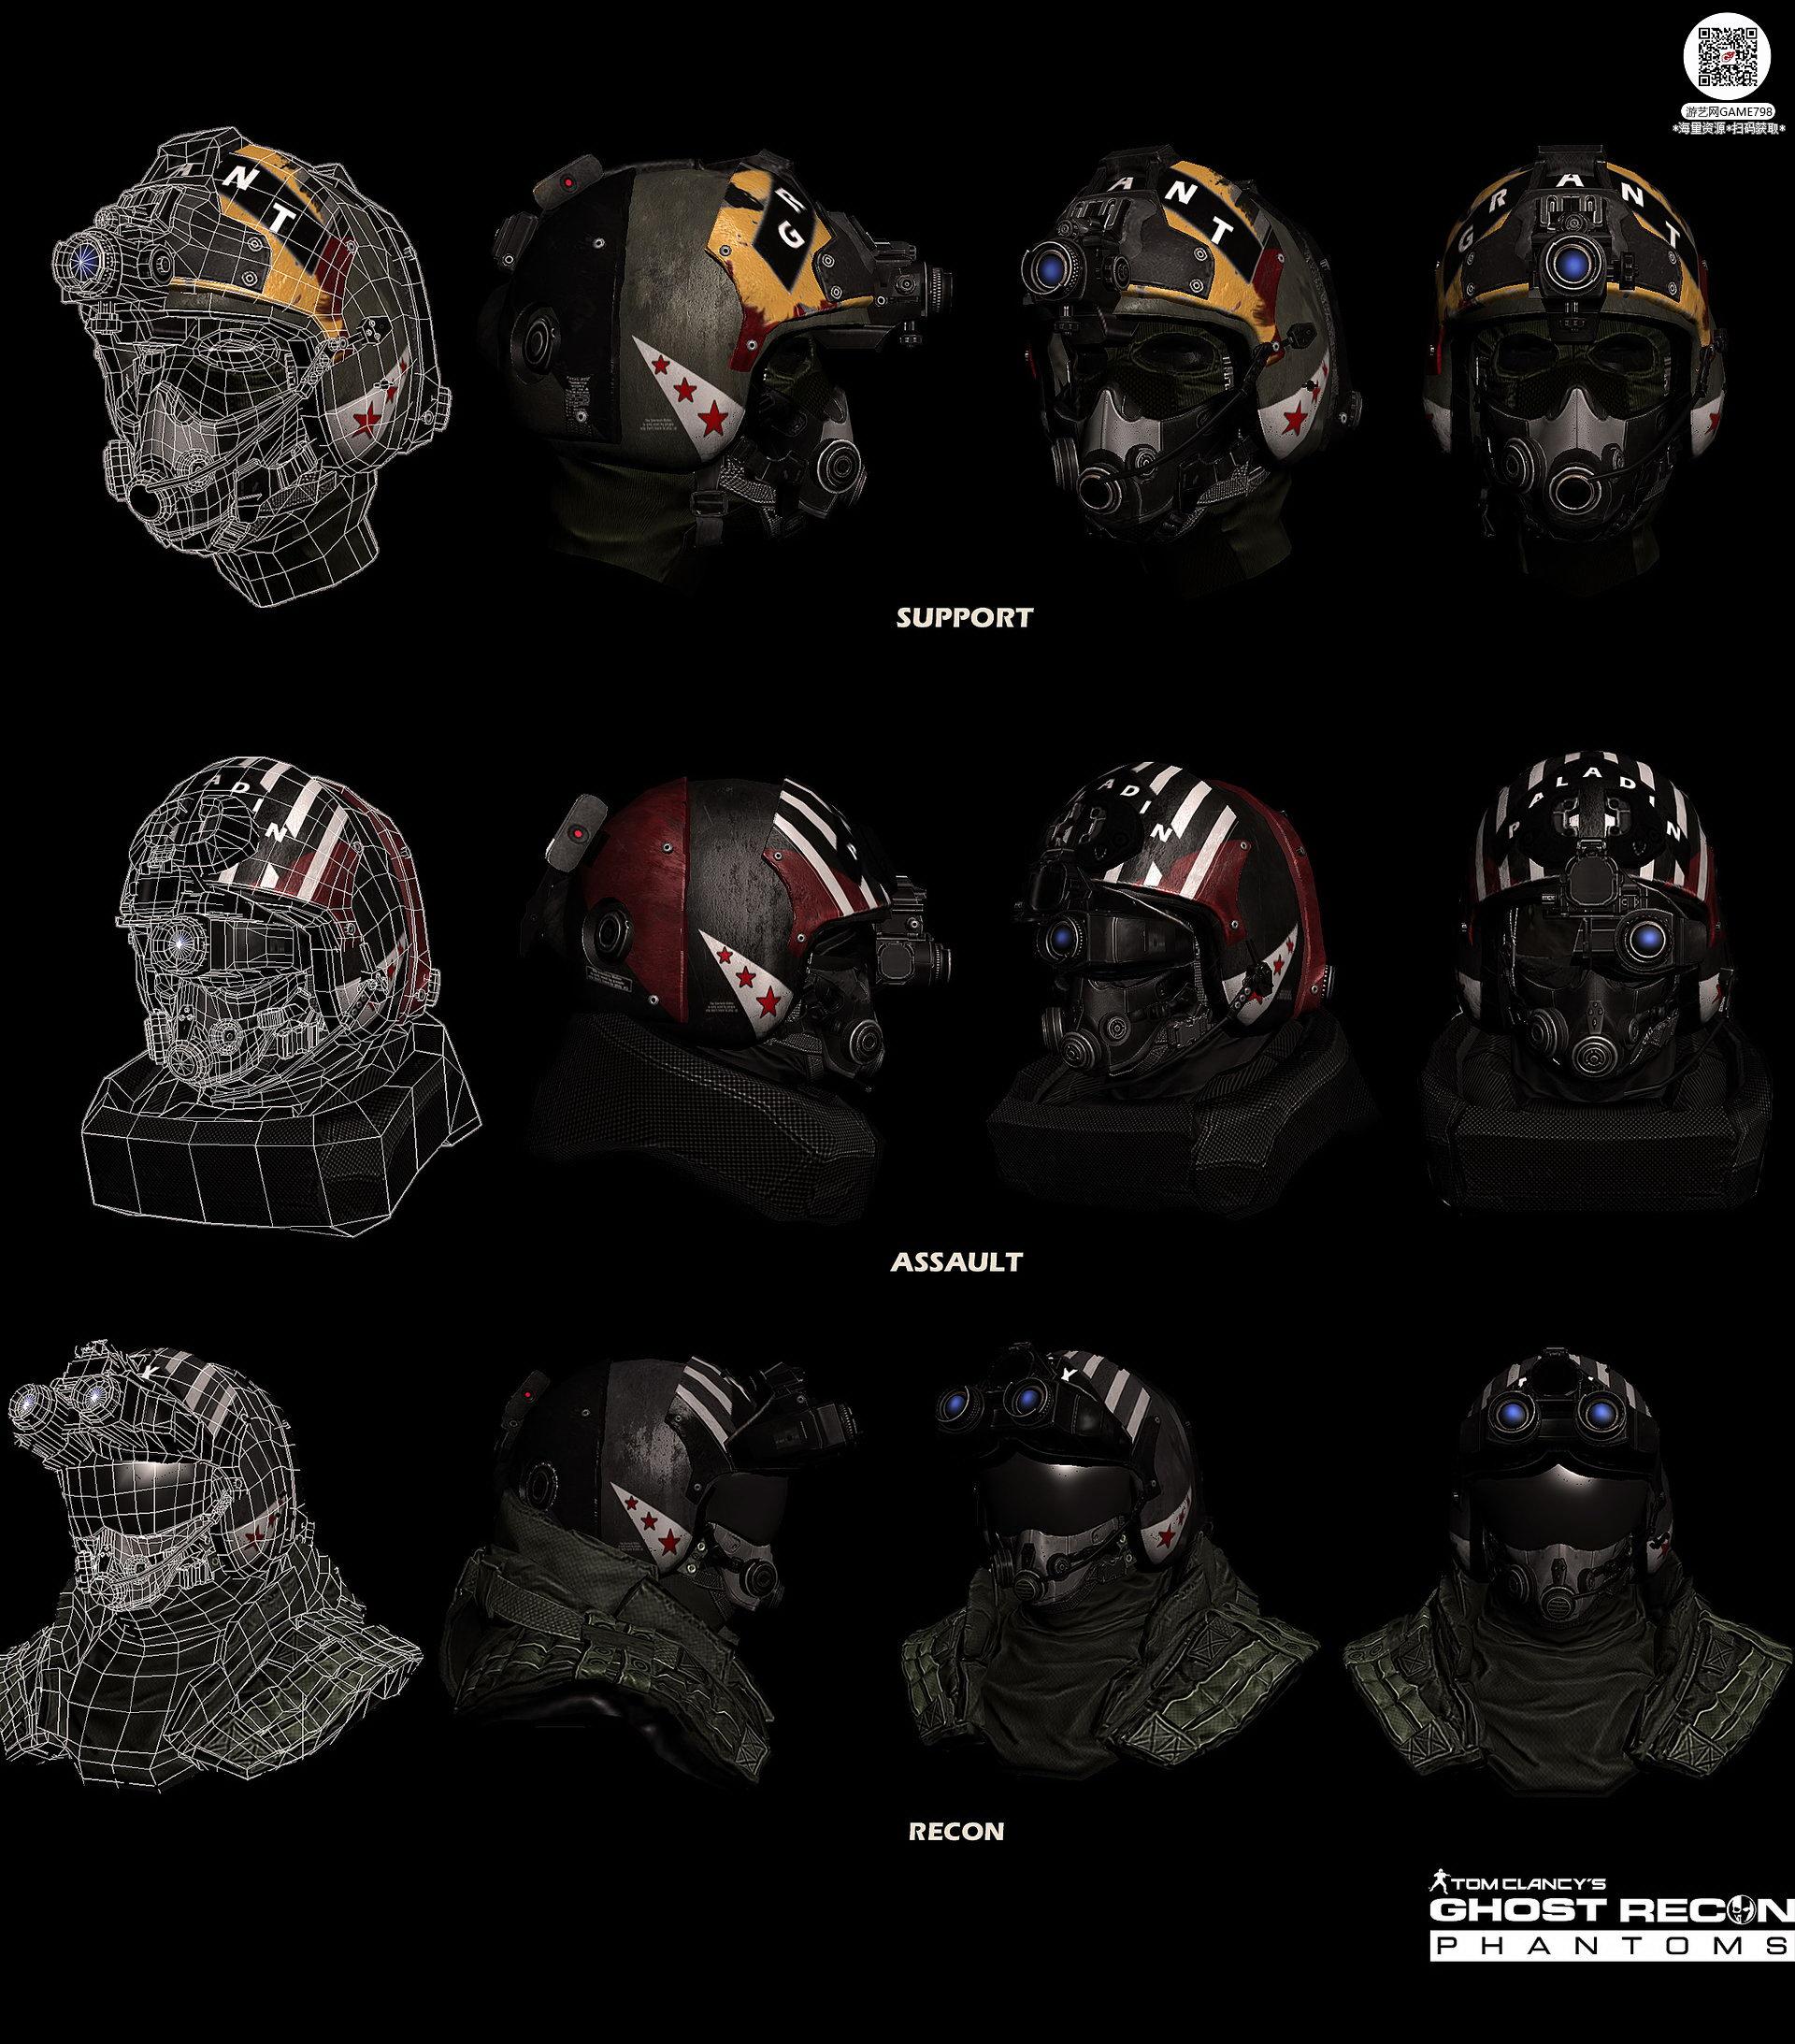 013_关注游艺网公众号获海量资源_幽灵行动未来战士次世代游戏3D模型参考原画概念设定.jpg